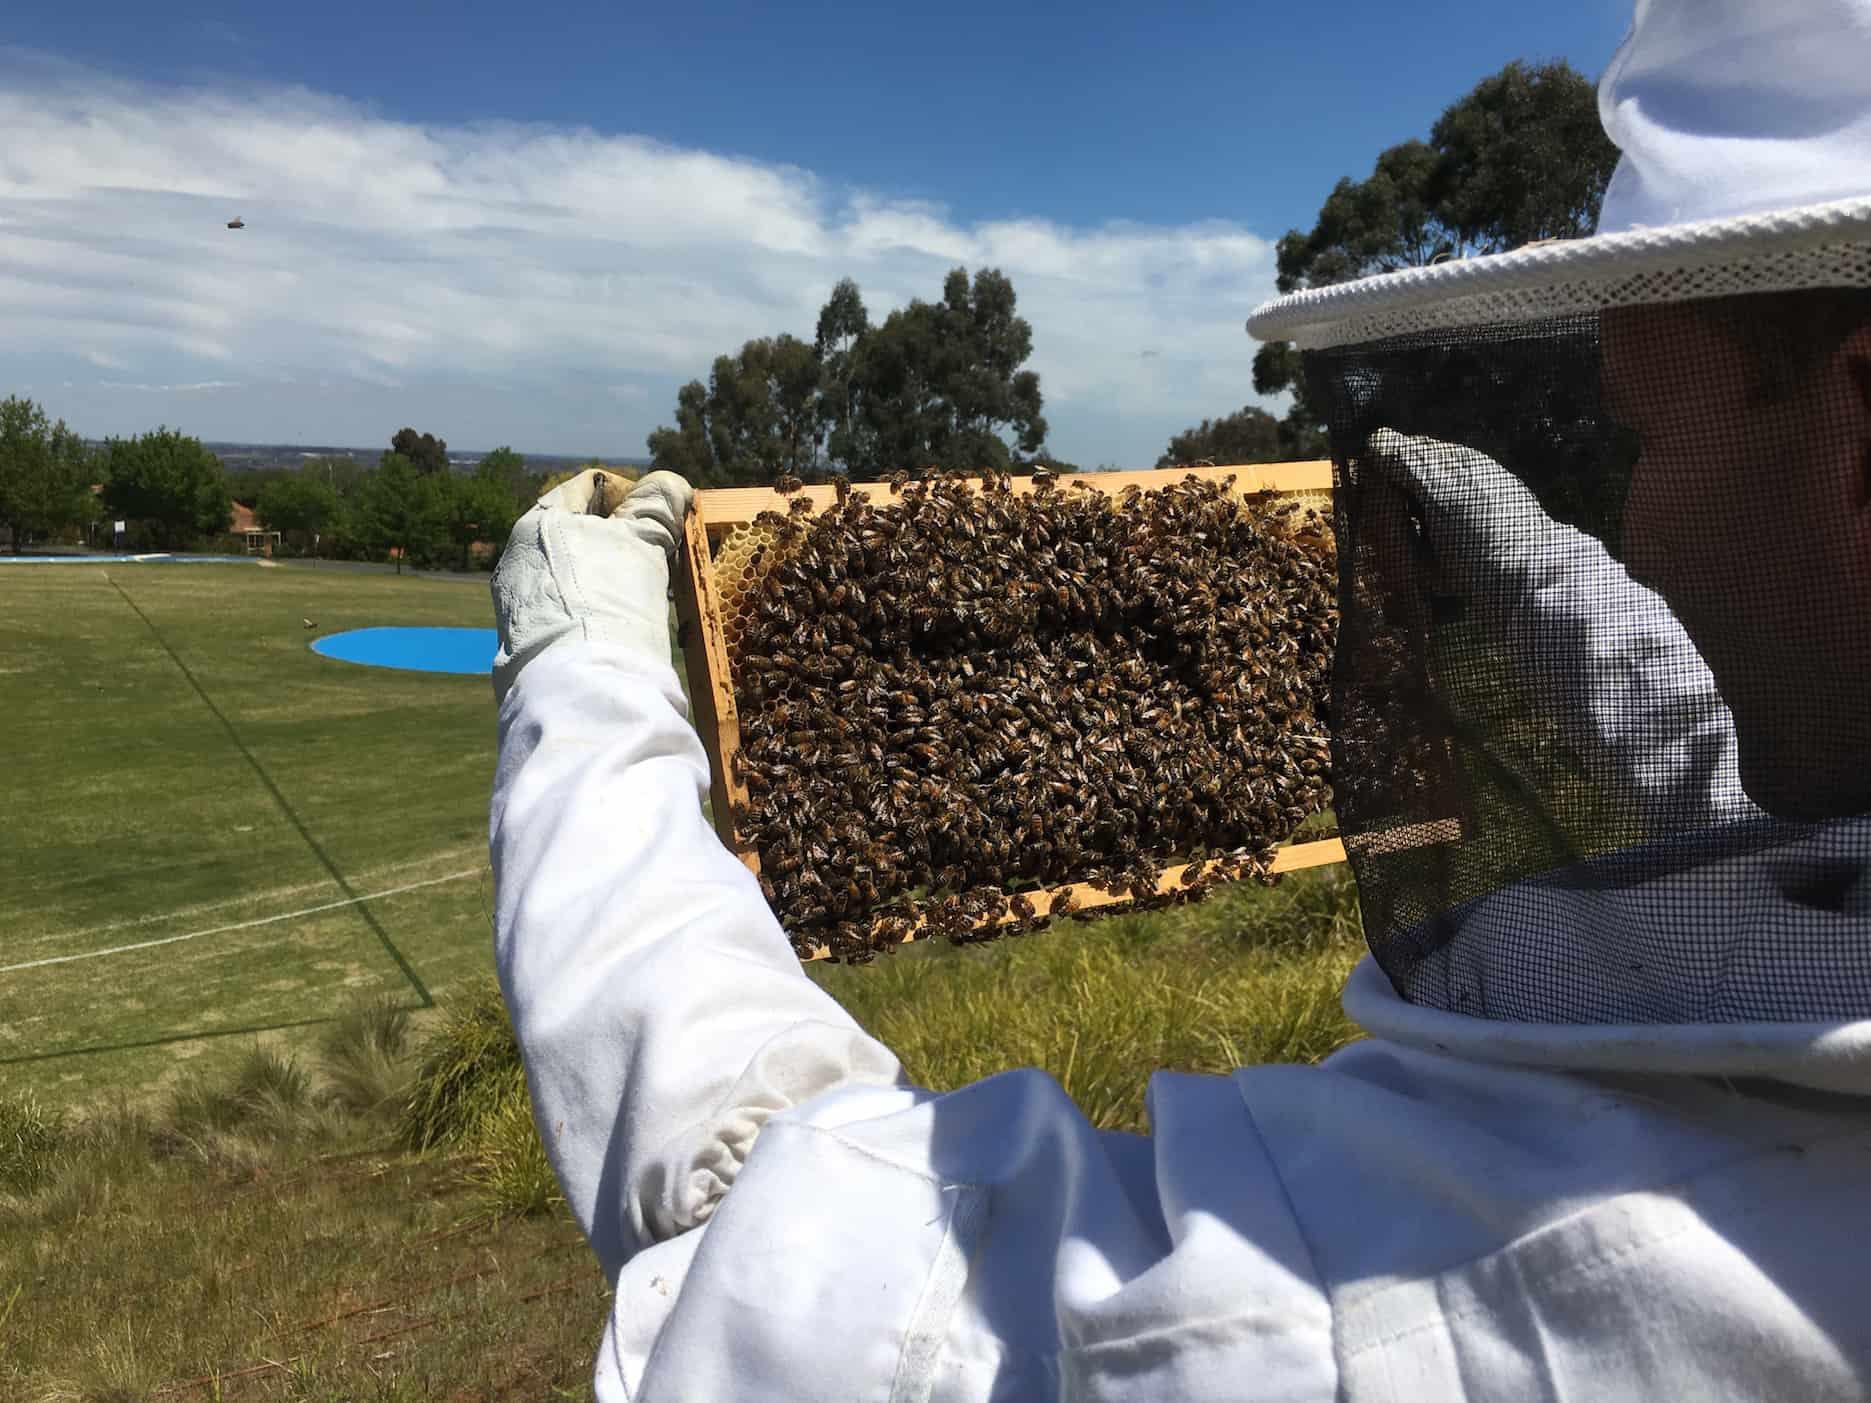 Student beekeepers